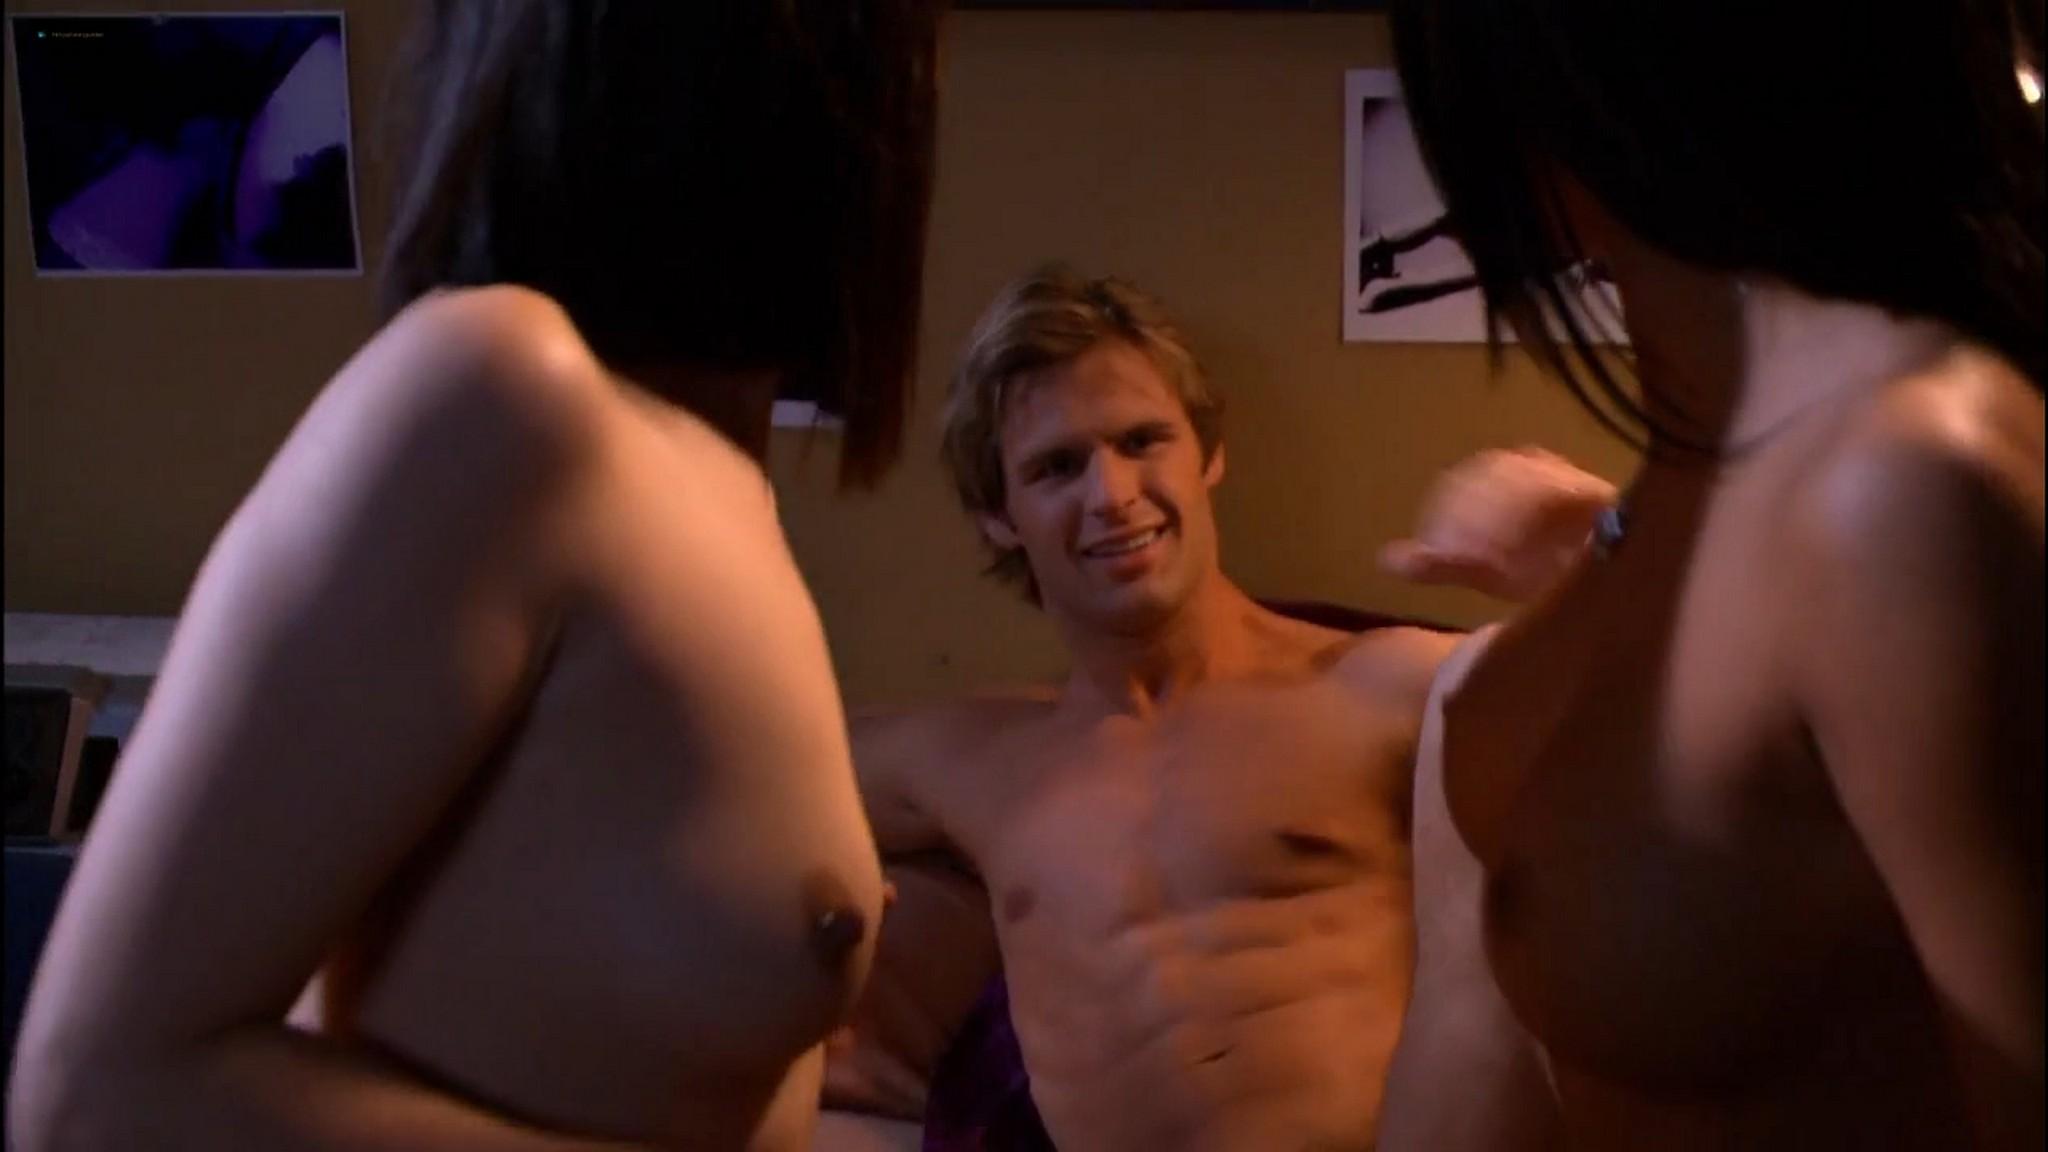 Lana Tailor nude sex Jennifer Korbin, Alyson Bath, and others nude - Lingerie (2009) s1e4 HD 720p (14)